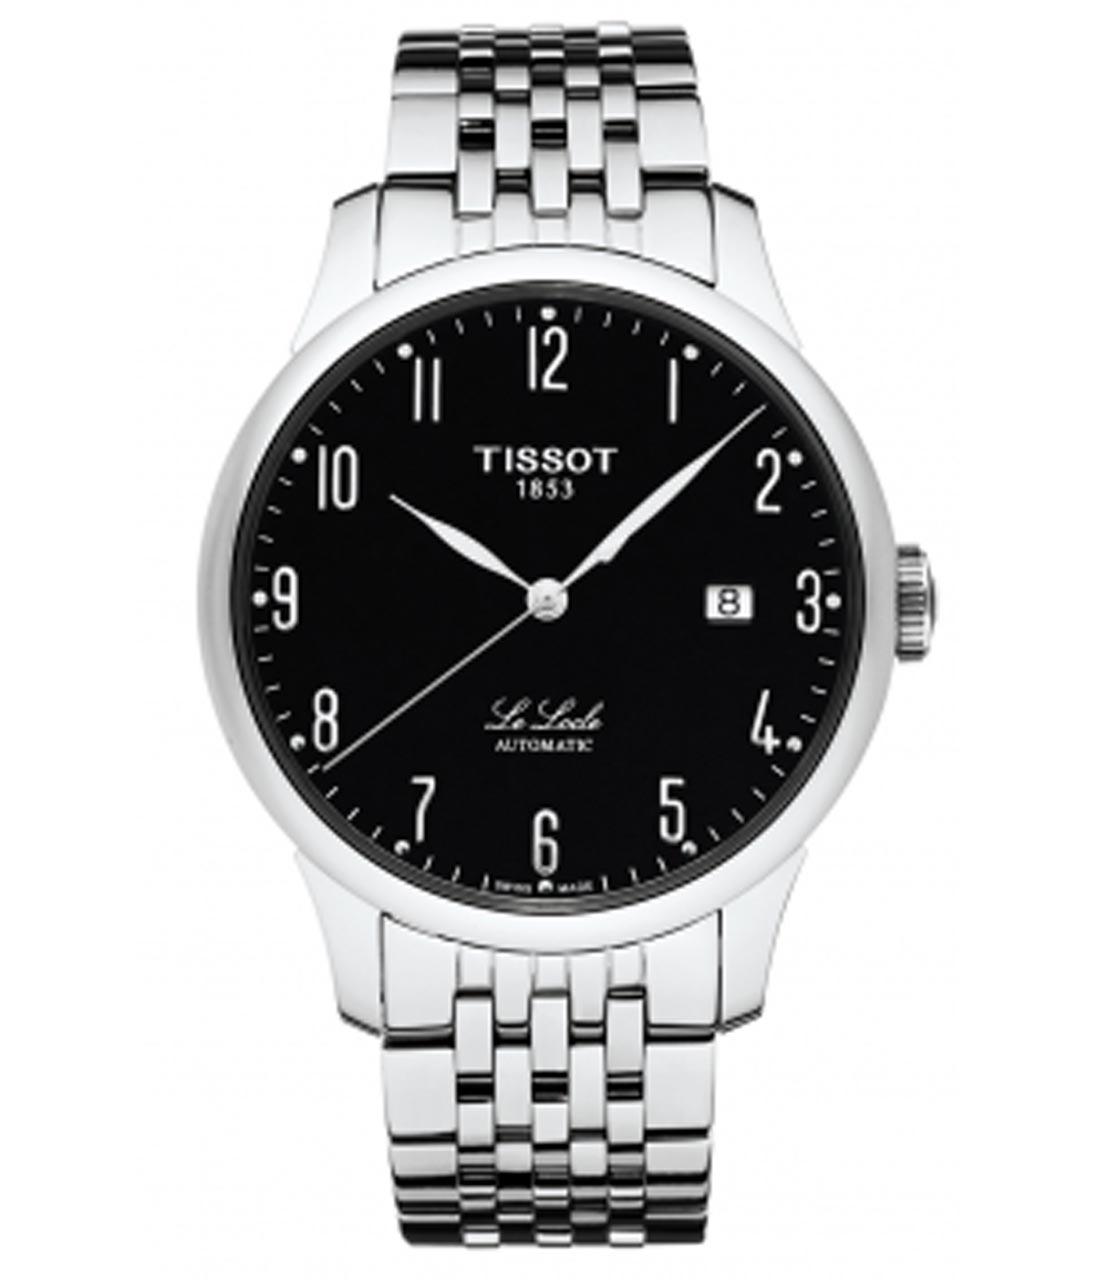 天梭TISSOT-力洛克系列 T41.1.483.52 机械男表